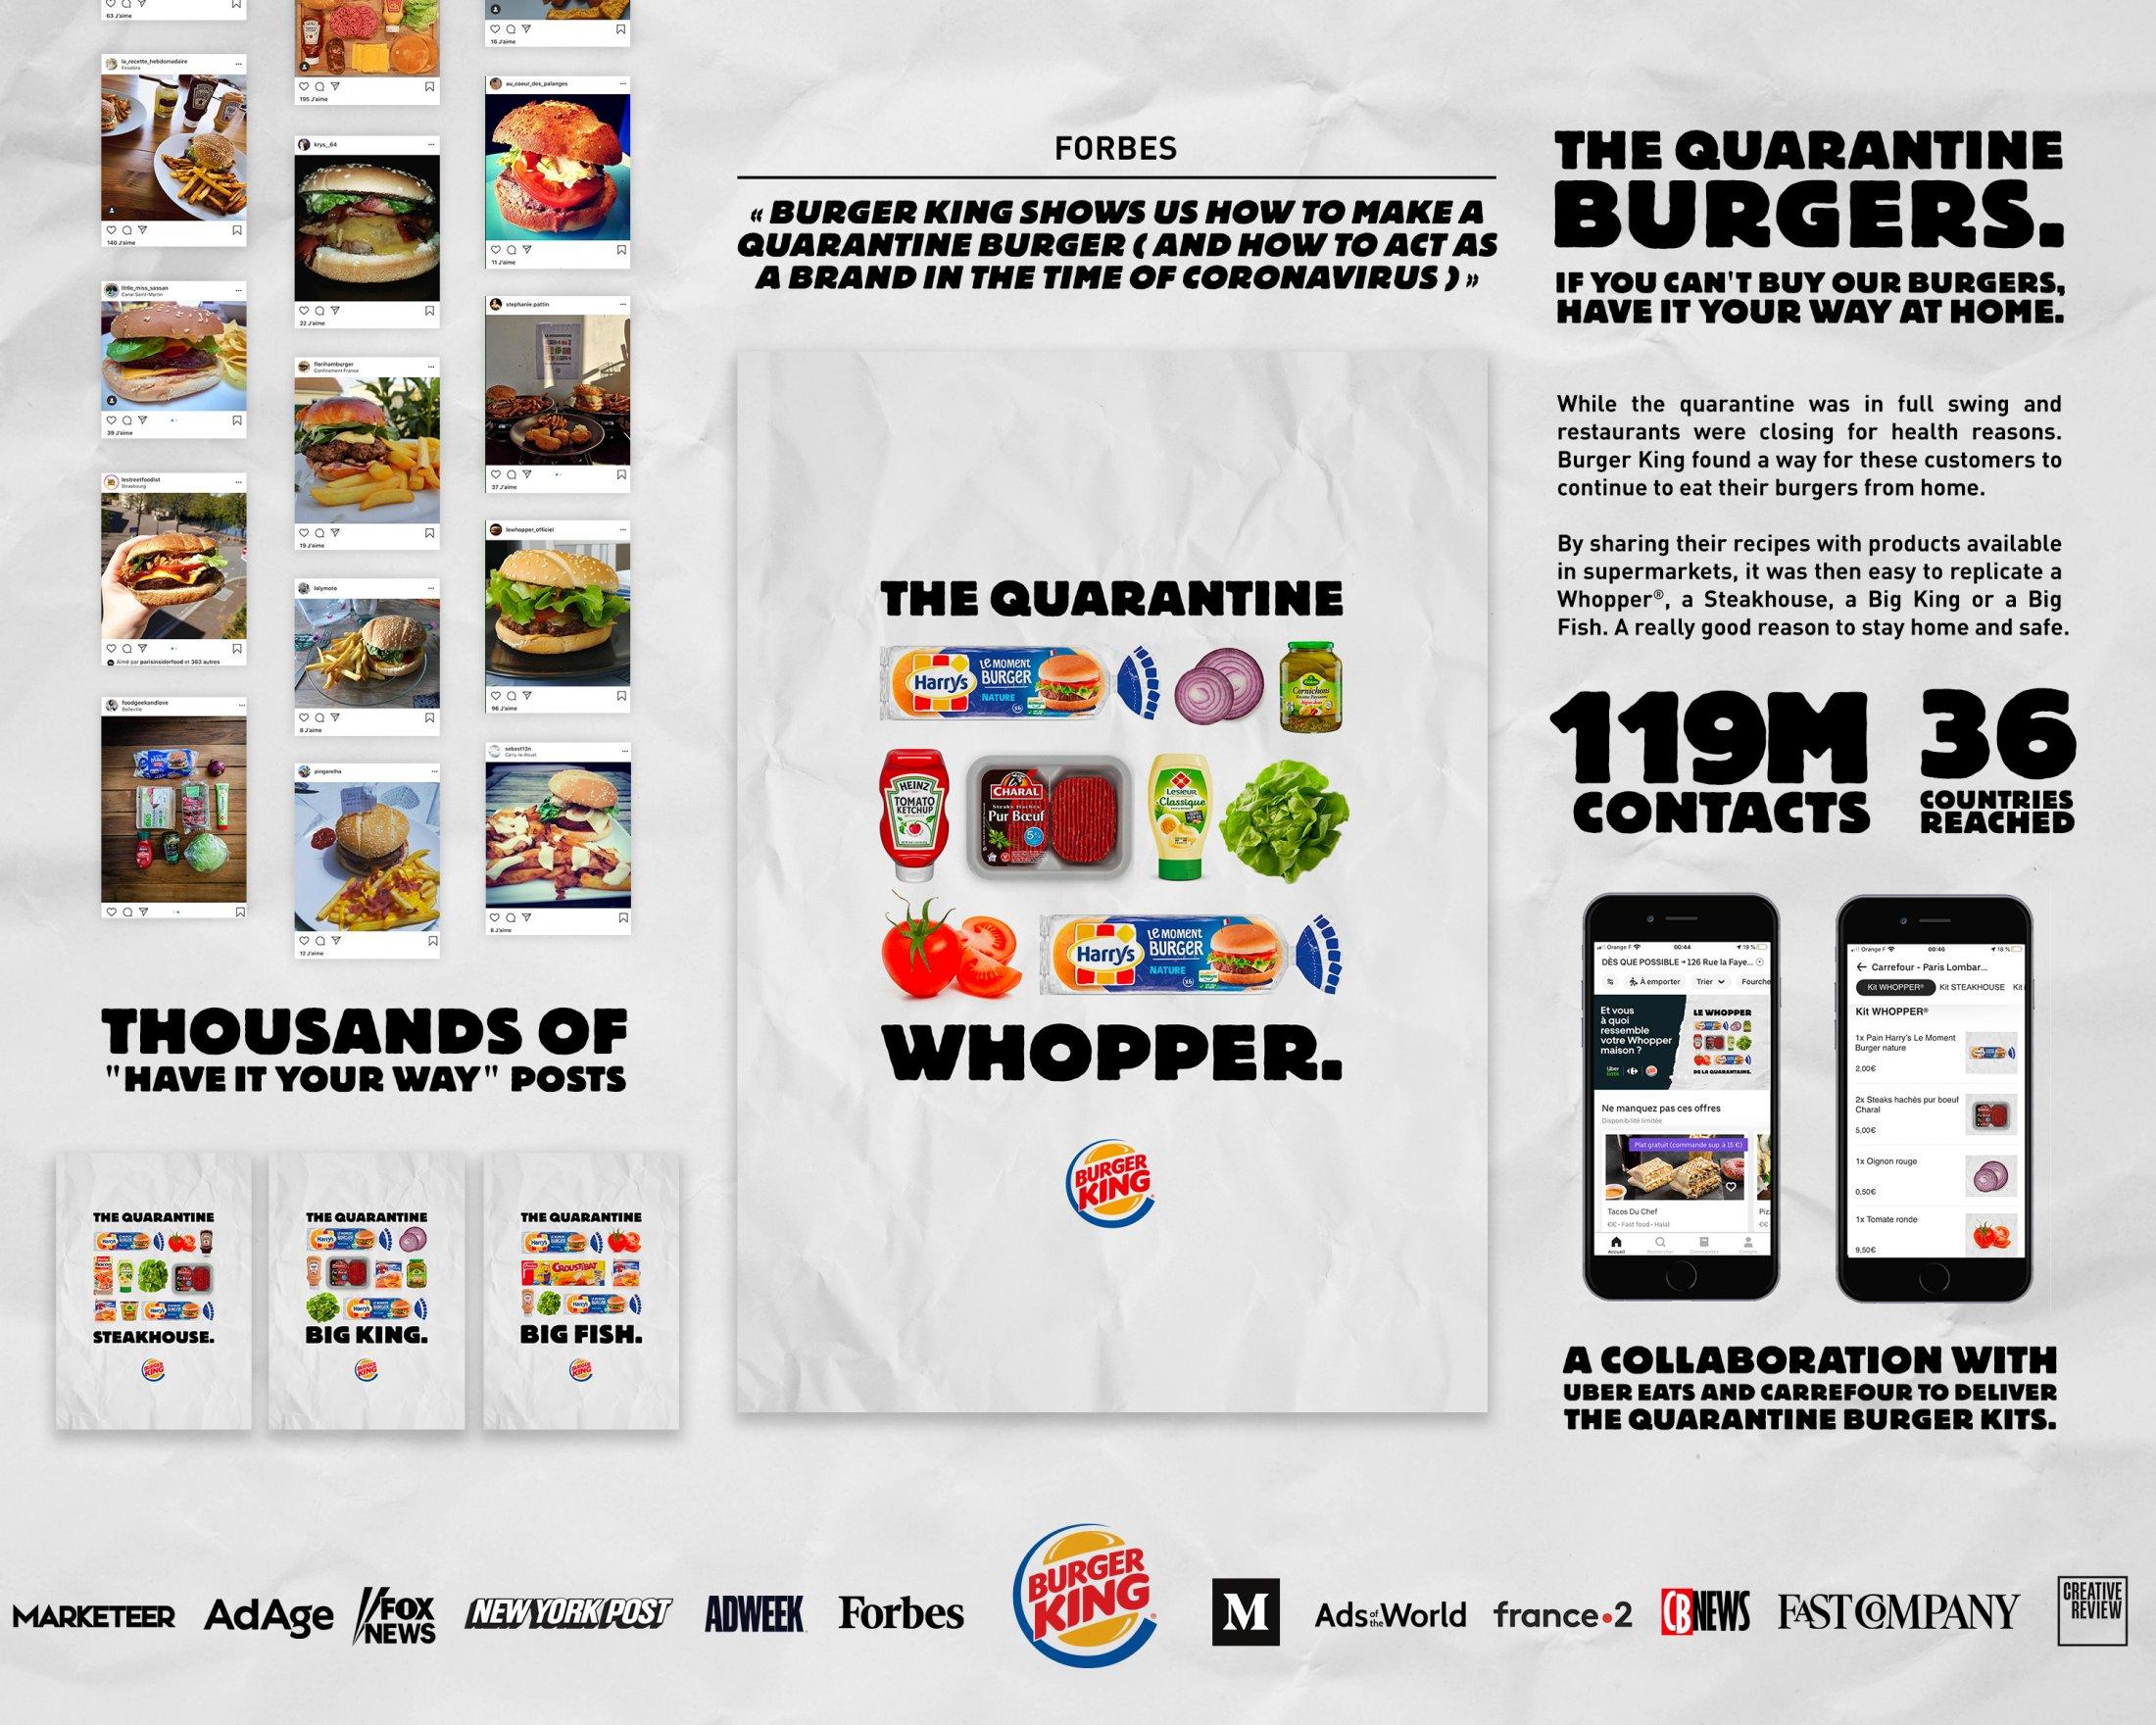 Thumbnail for The Quarantine Burgers